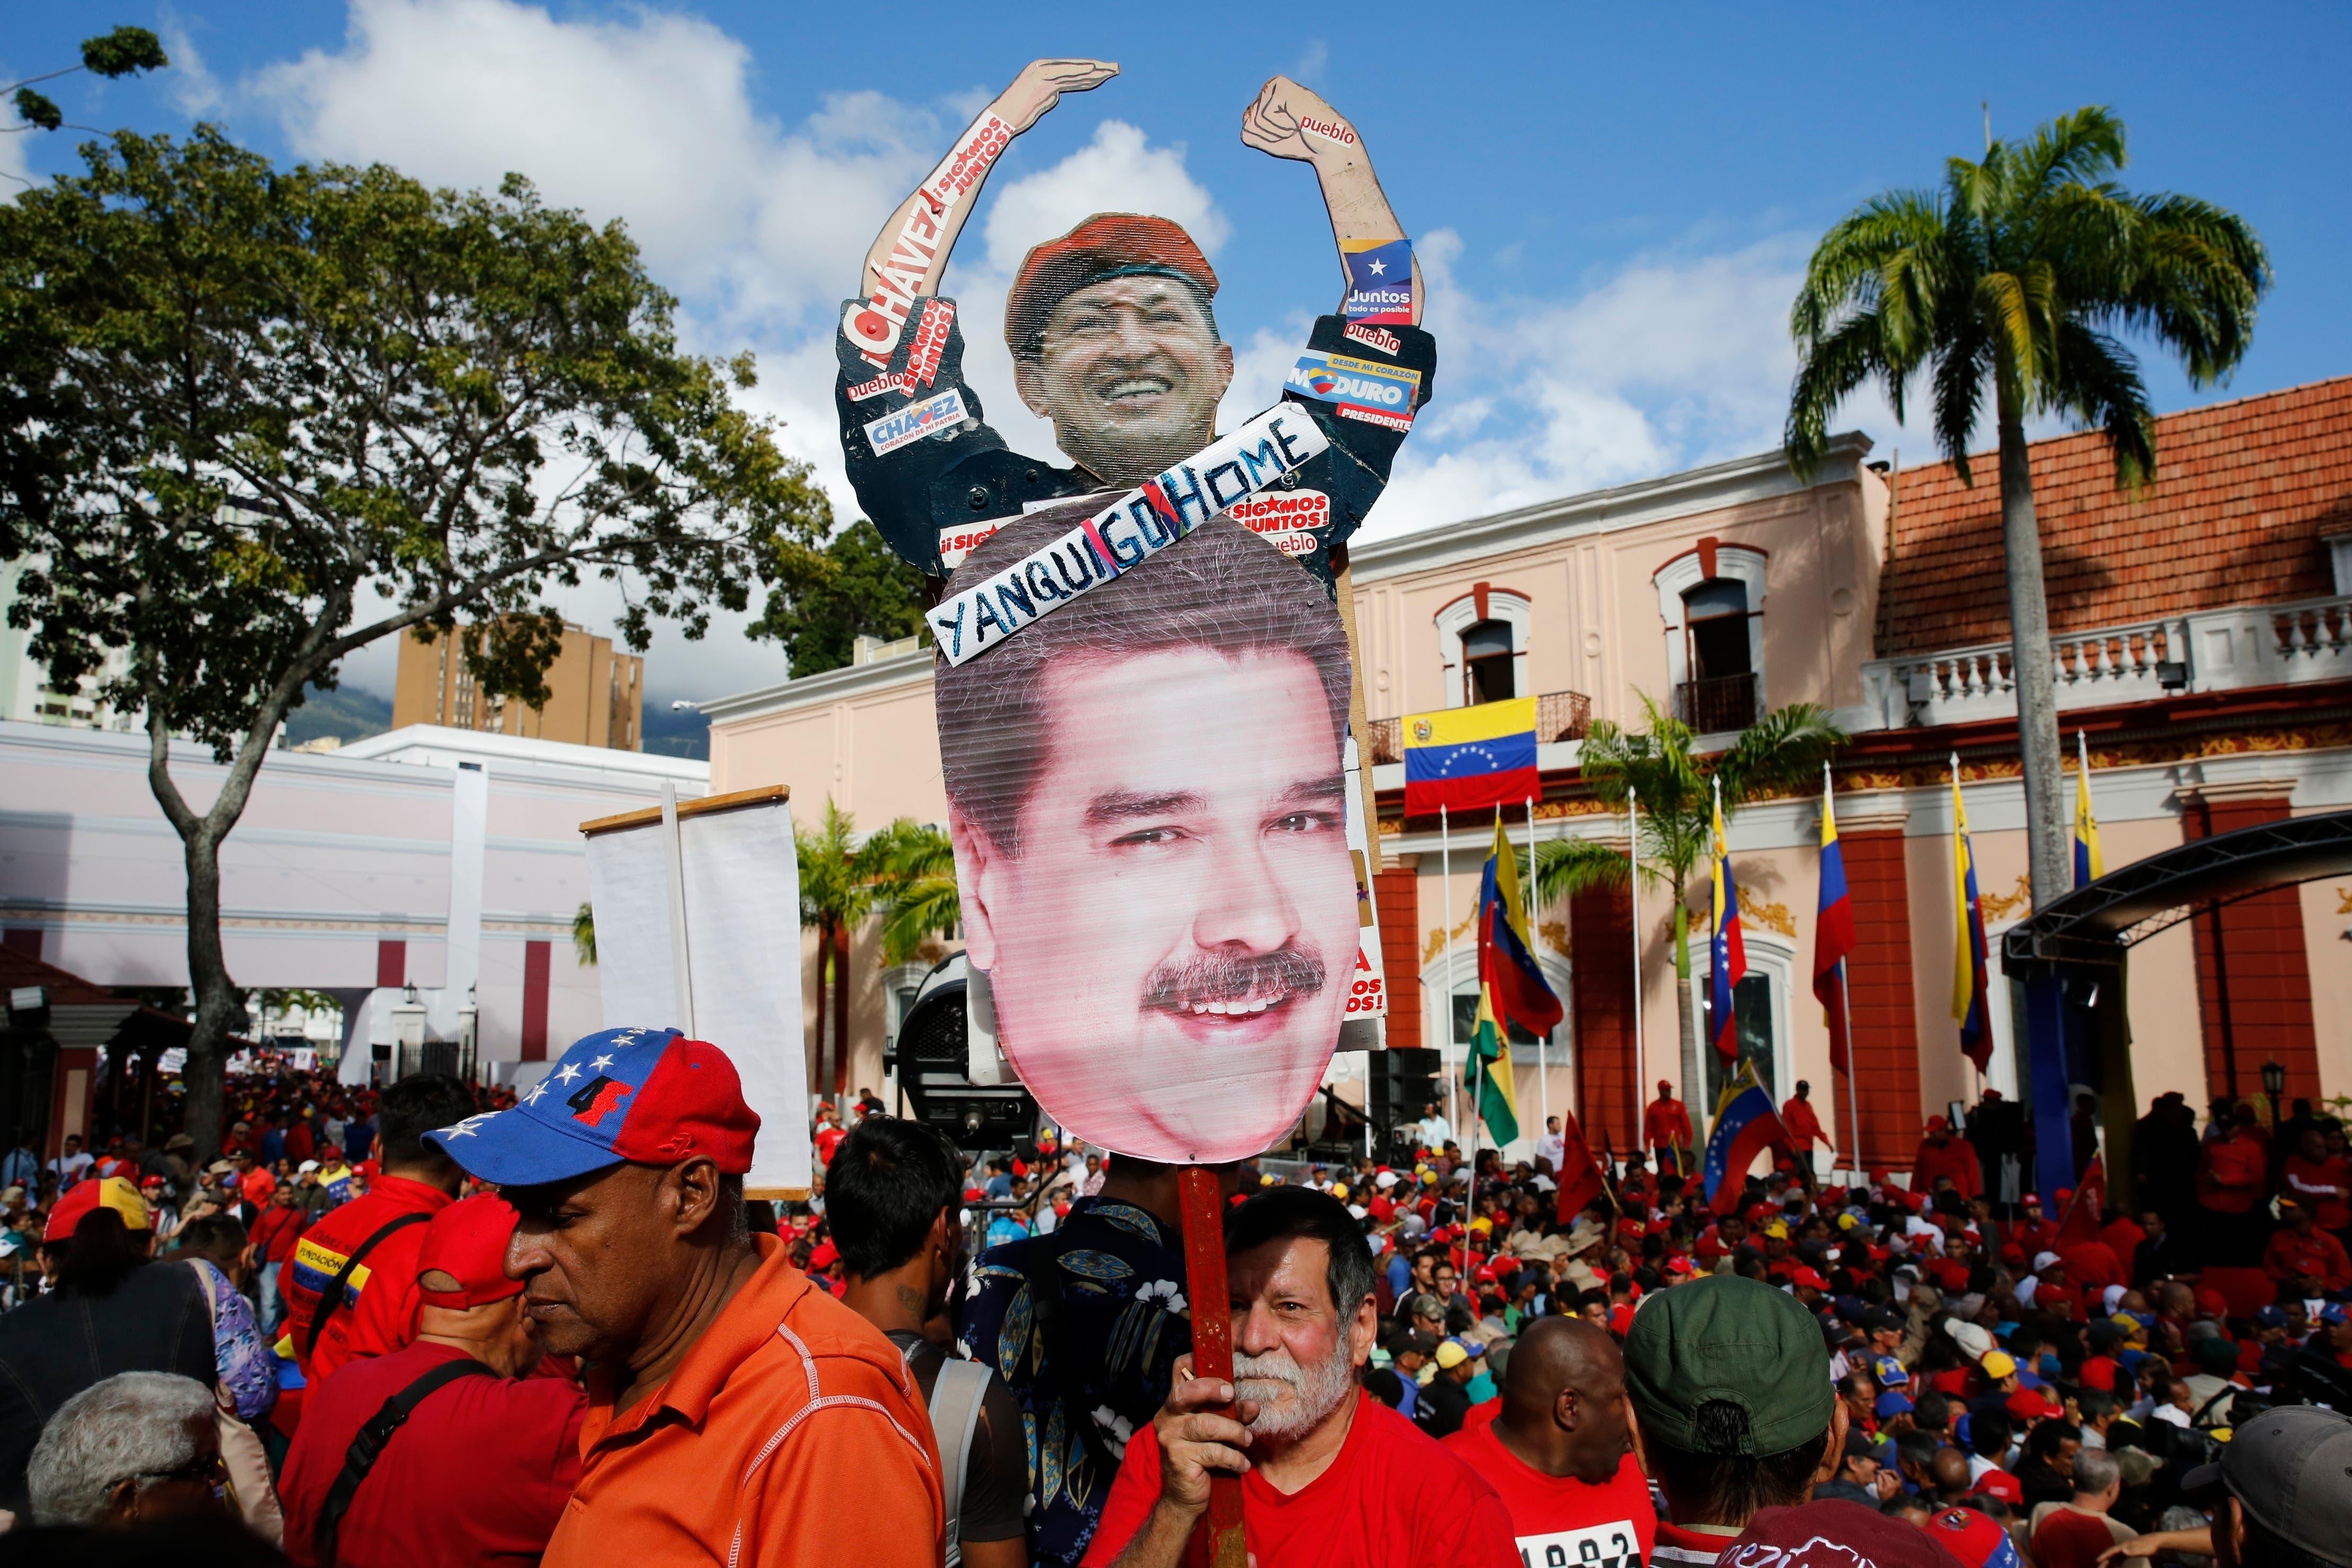 12. El presidente de Venezuela, Nicolás Maduro, habla a sus partidarios desde un balcón en el palacio presidencial de Miraflores durante un mitin en Caracas, Venezuela.